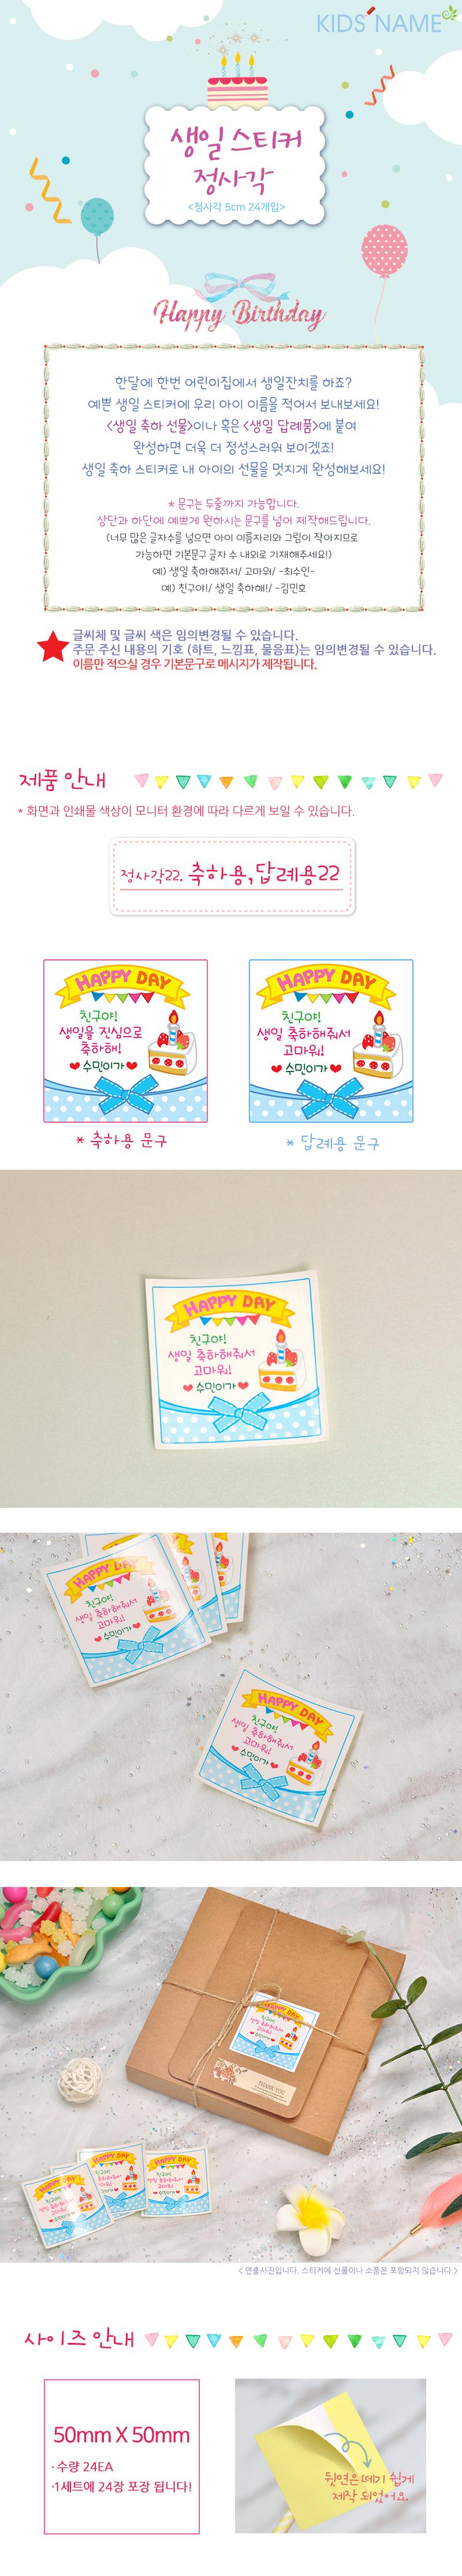 정사각 블루조각케익 생일스티커 50mm -24ea - 키즈네임, 4,500원, 스티커, 디자인스티커